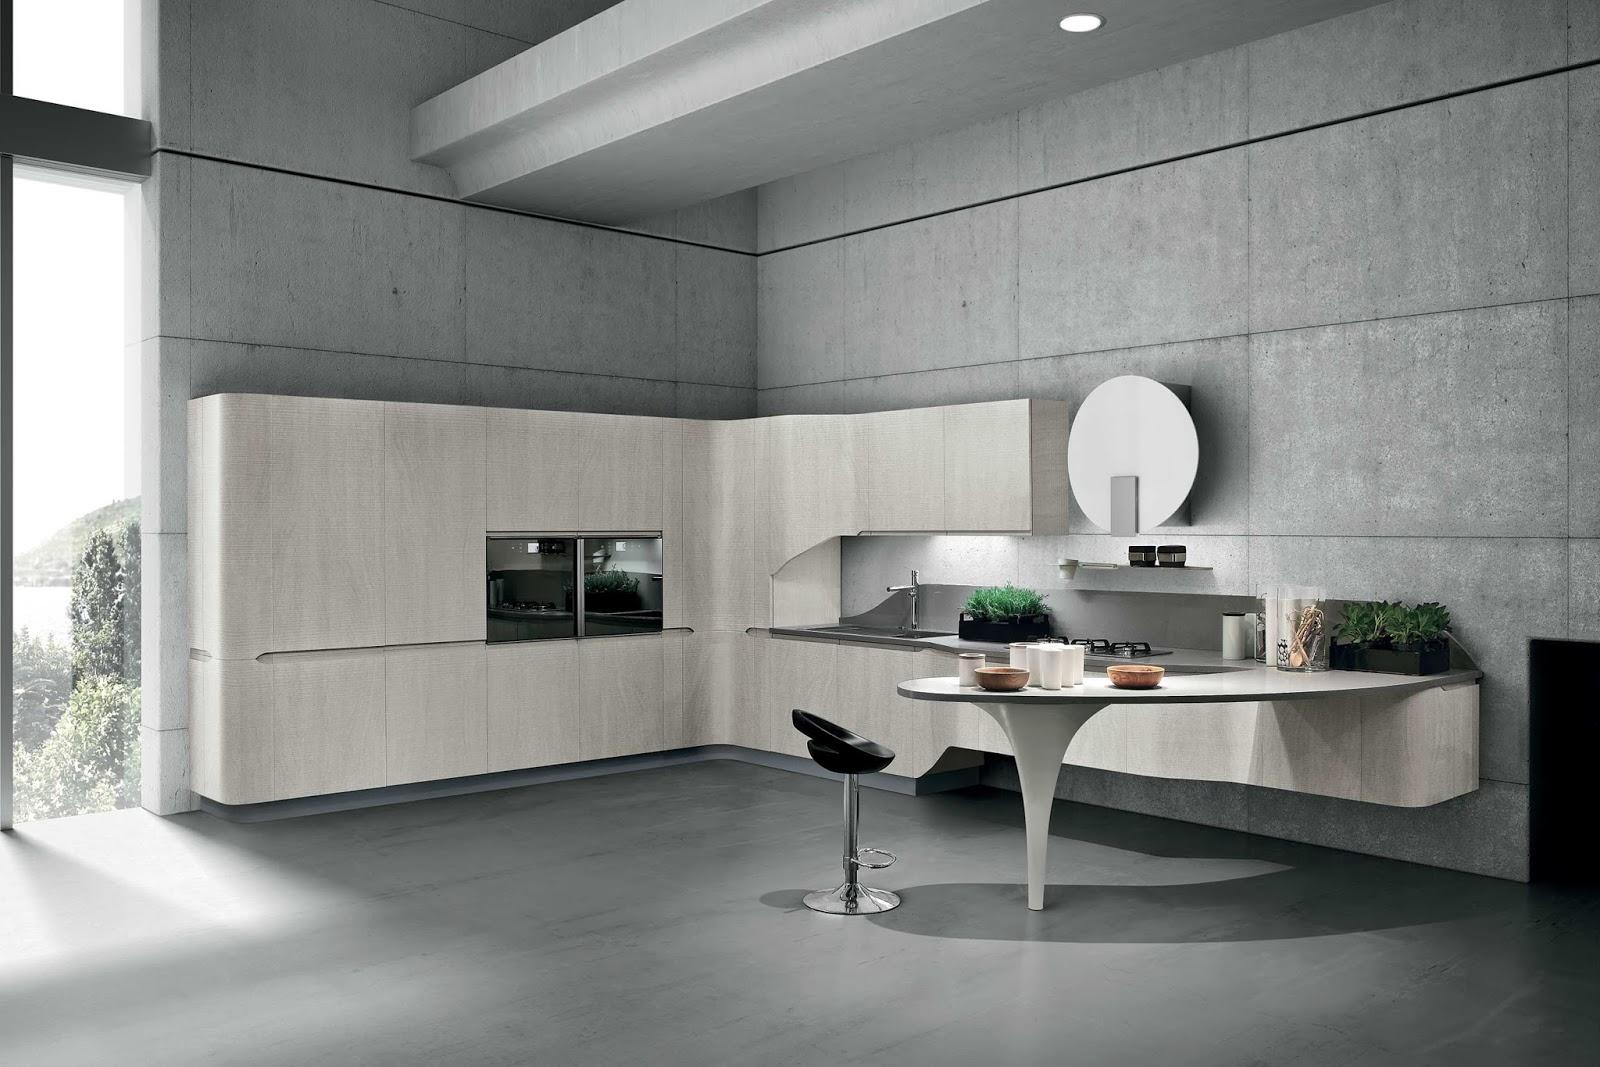 Cucine moderne le migliori soluzioni per arredare la tua for Ad arredamenti roma